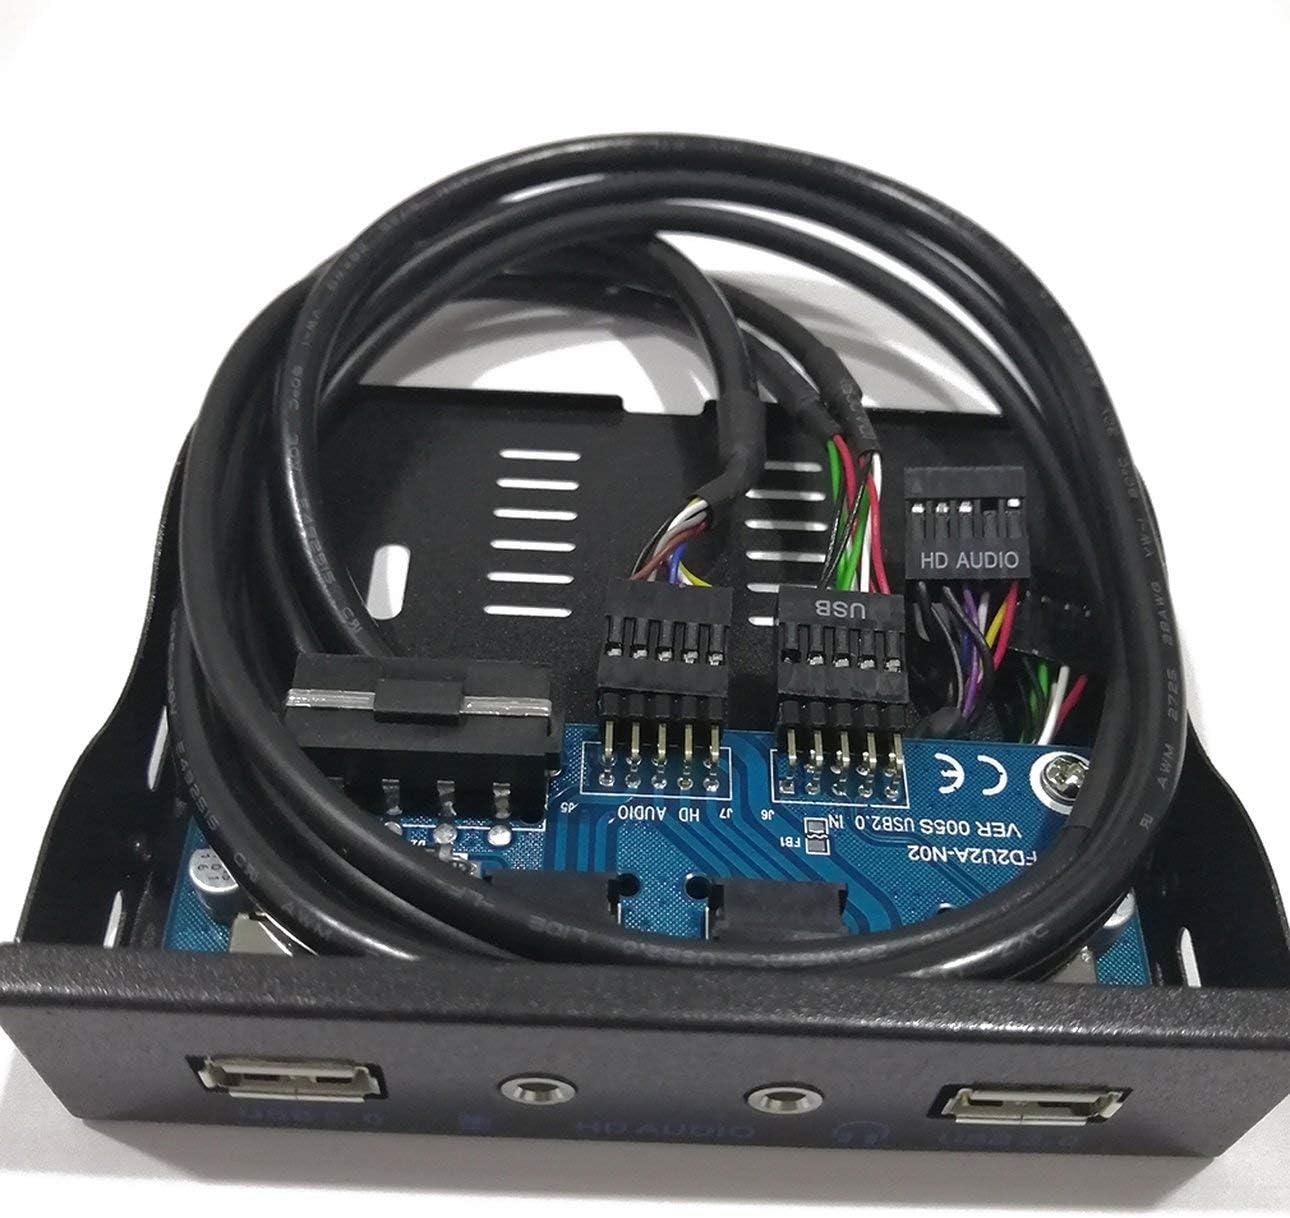 Pudincoco 3.5  2-USB 2.0 HUB Sortie Audio HD Extension du Lecteur de Disquette Panneau Avant Rack Mobile num/érique Extension pour Votre PC Noir